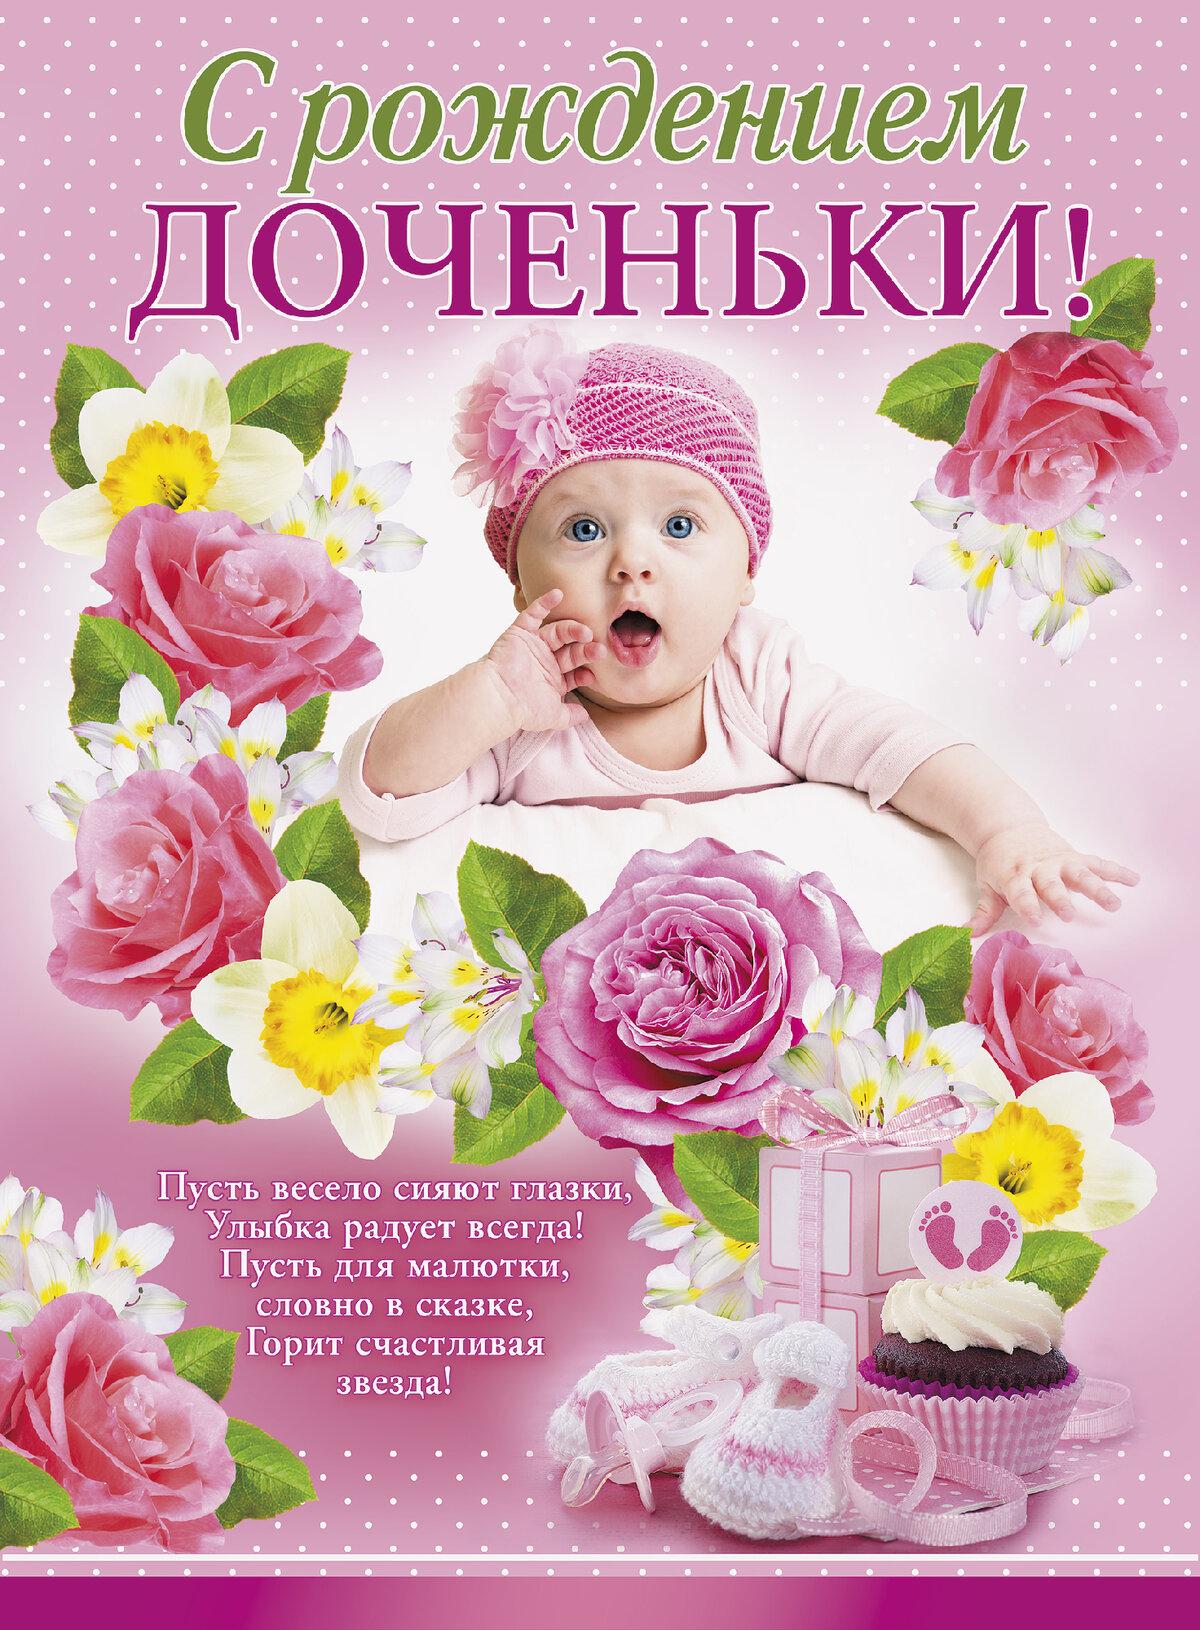 Картинки с рождением дочки поздравляем маму запуска двигателя